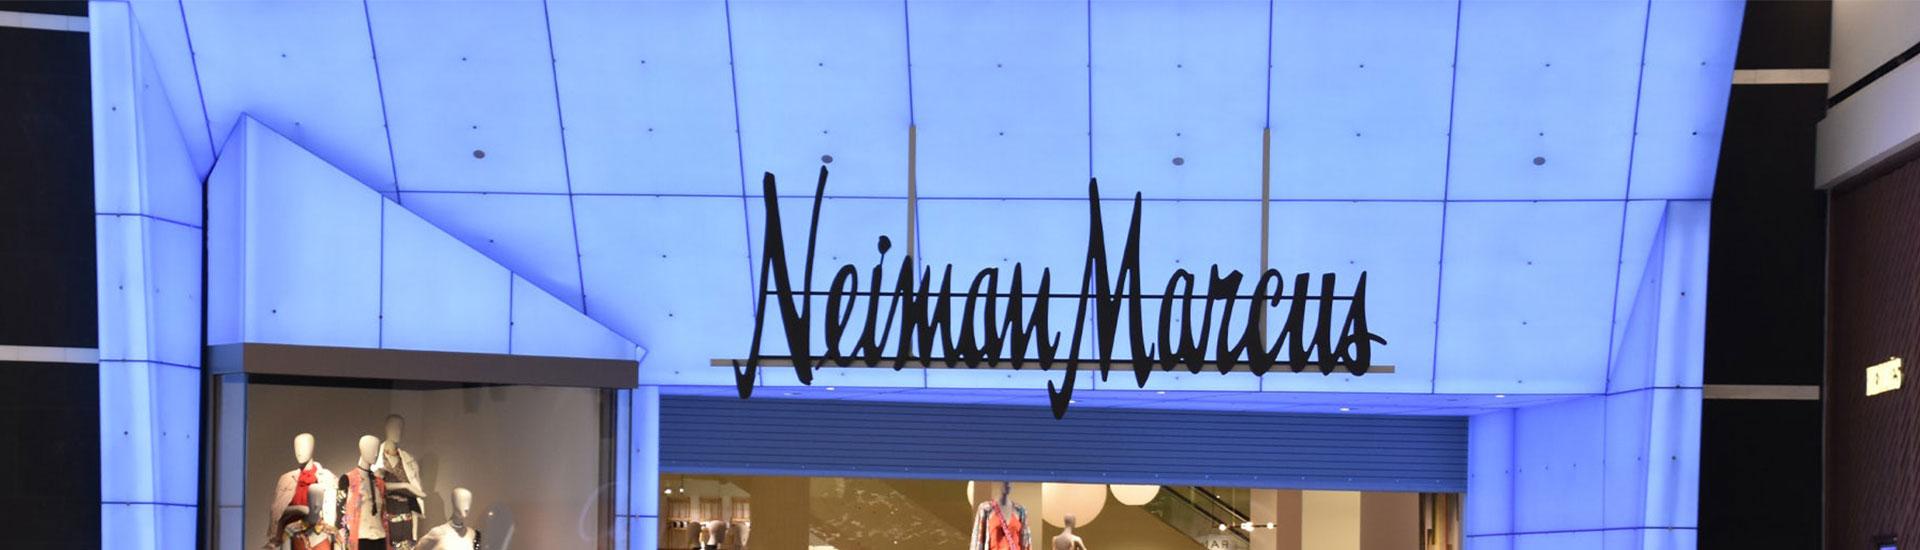 Neiman Marcus'tan Alışveriş